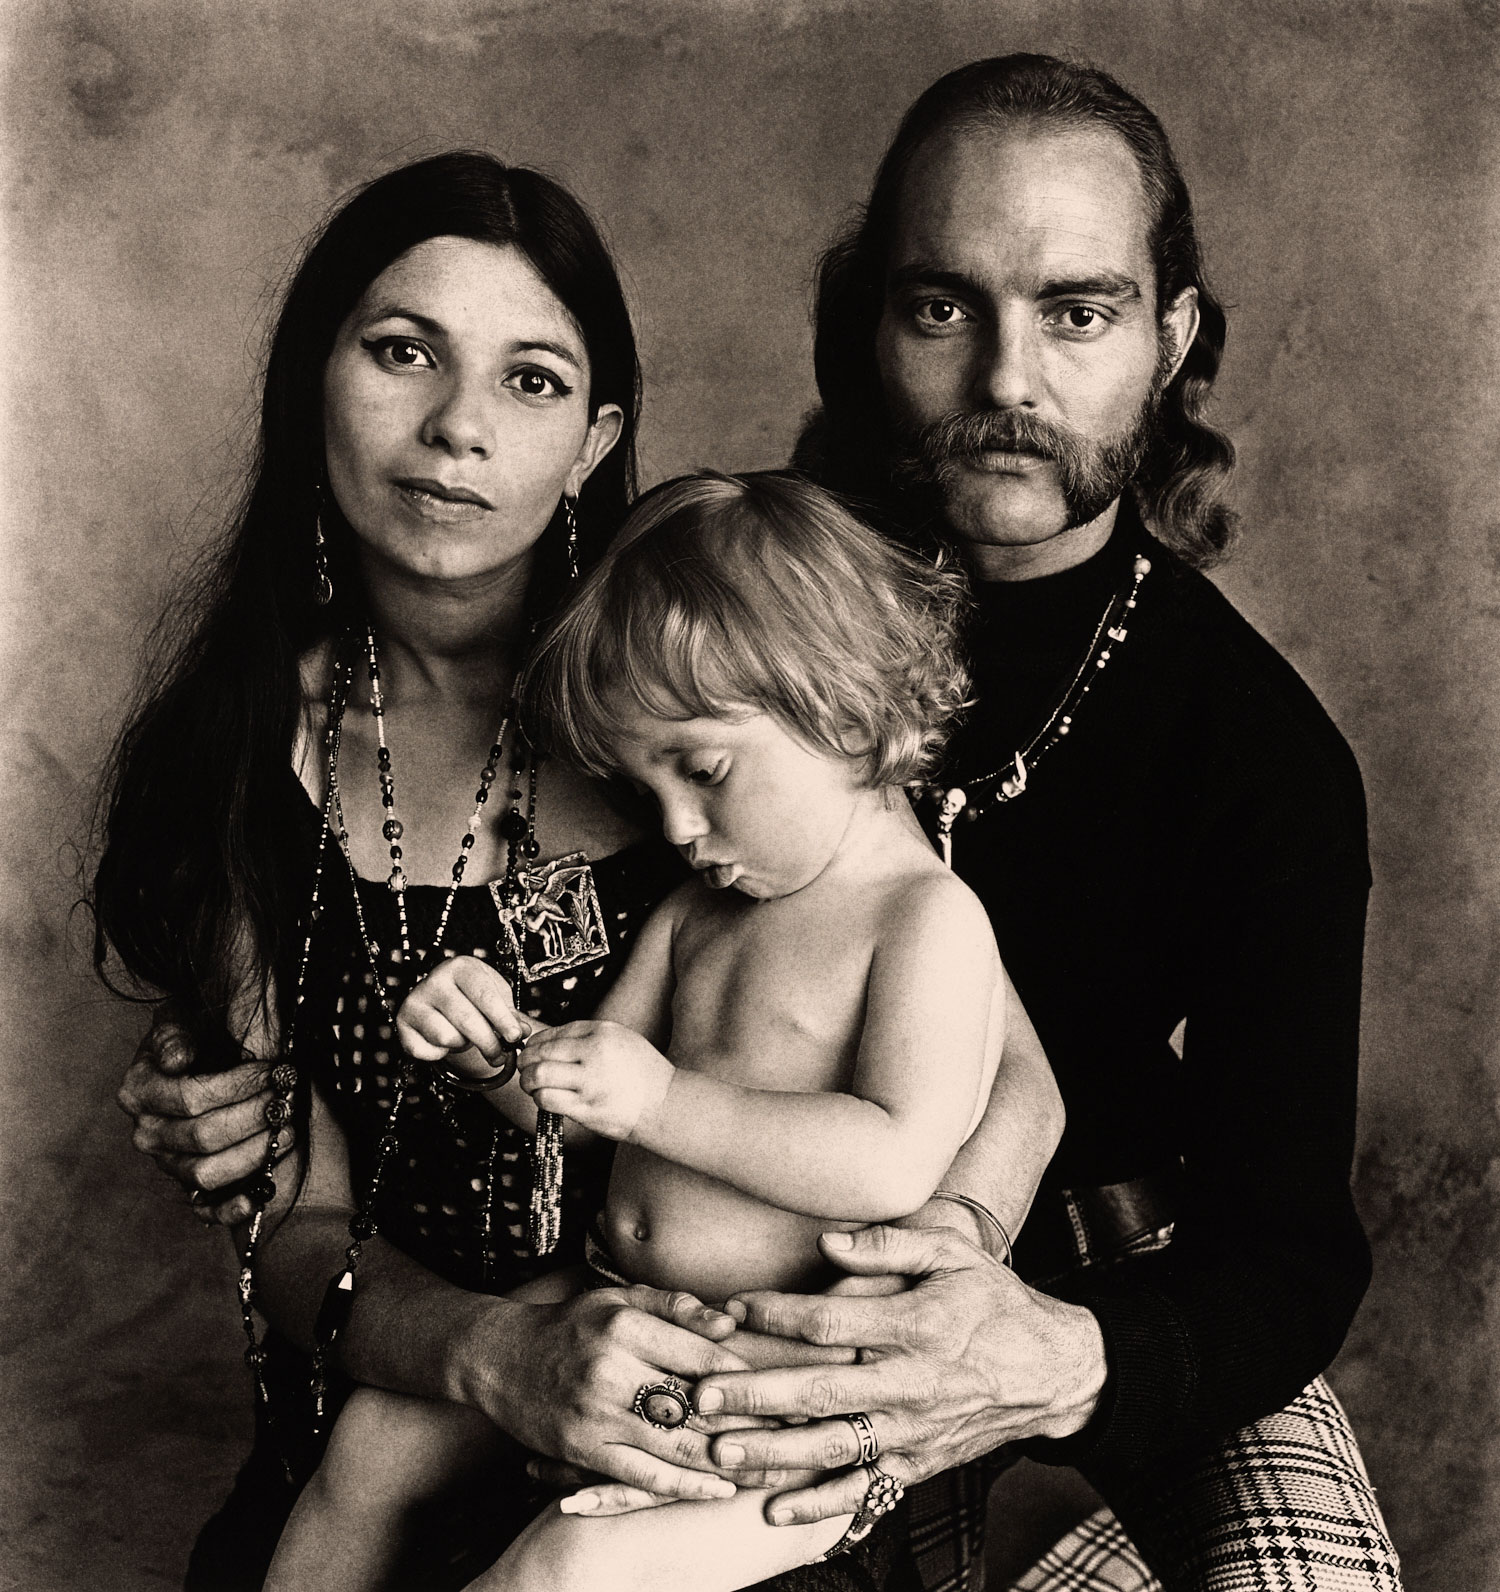 Irving Penn,  Hippie Family (Ferguson) , San Francisco, 1967 © The Irving Penn Foundation